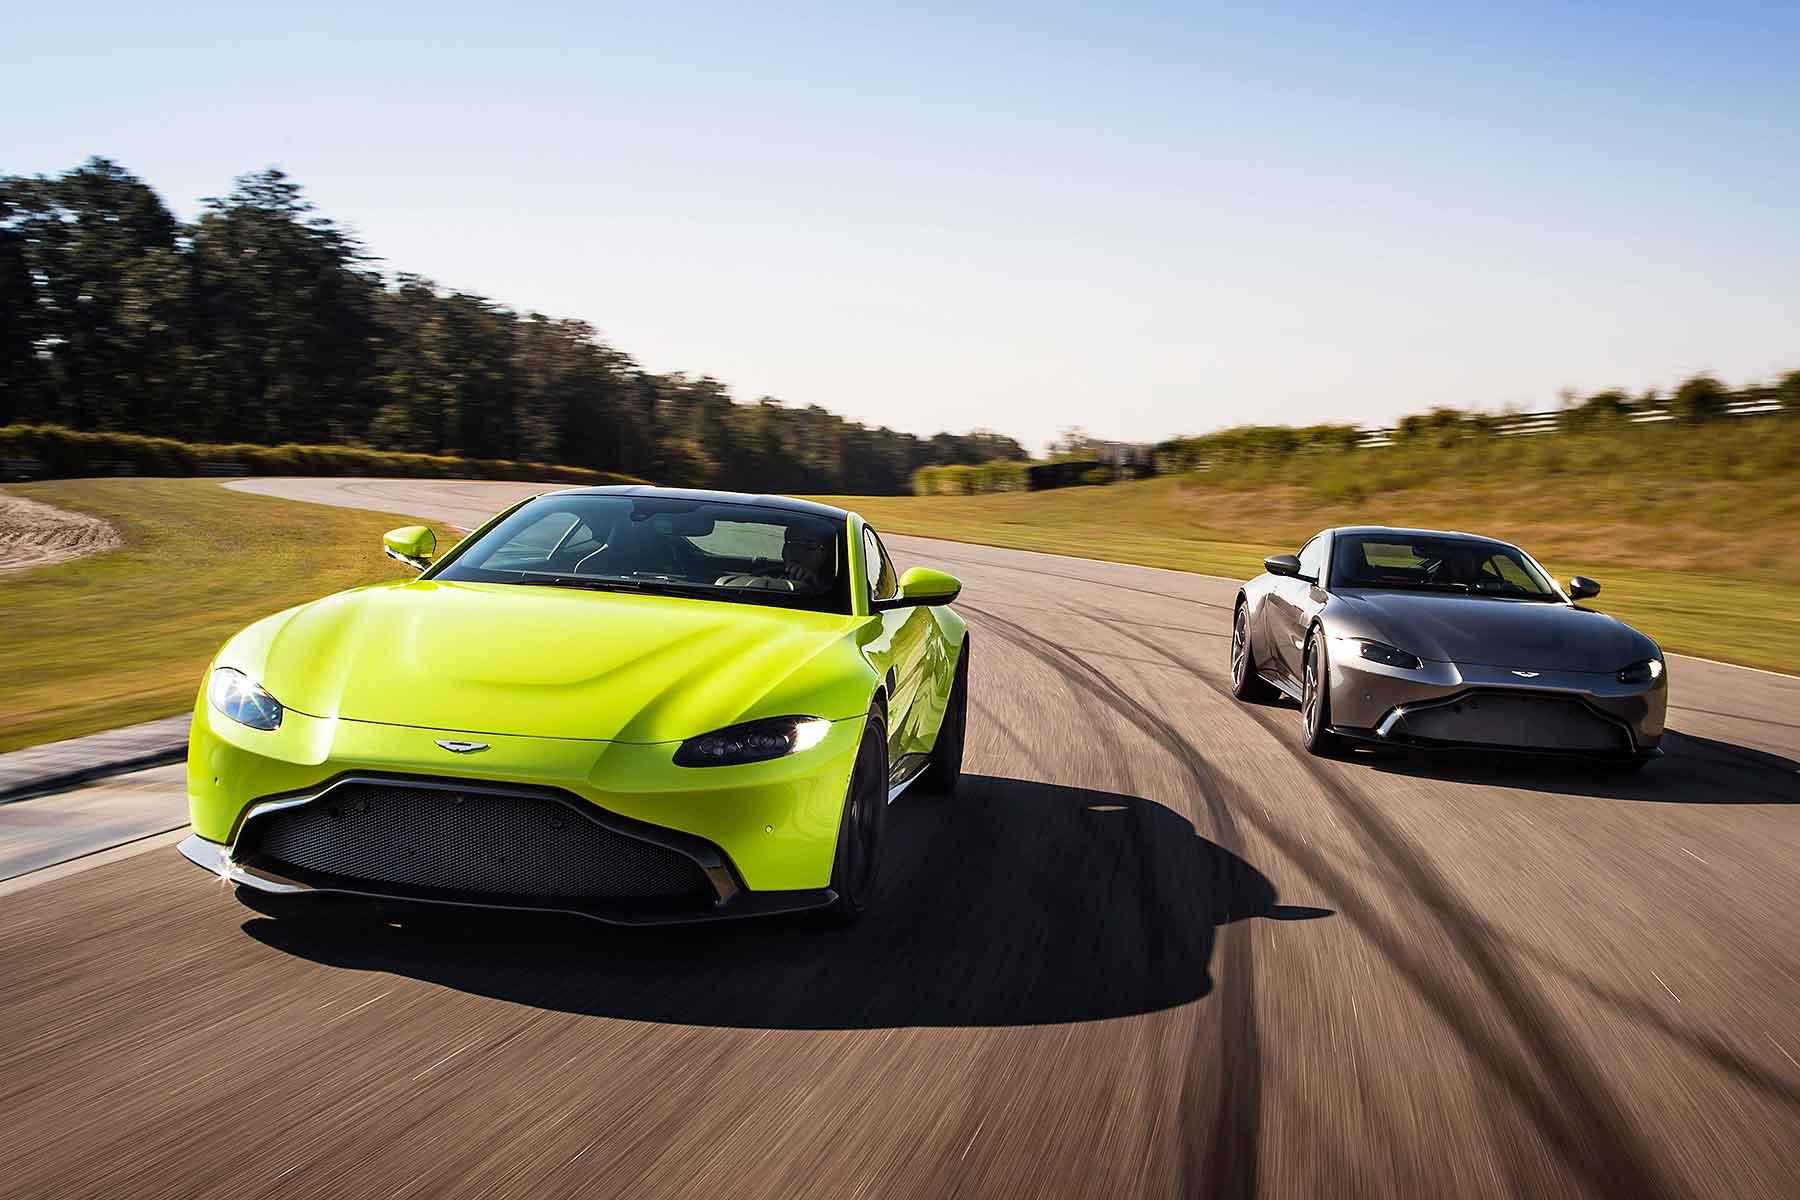 2018 Aston Martin Vantage on track